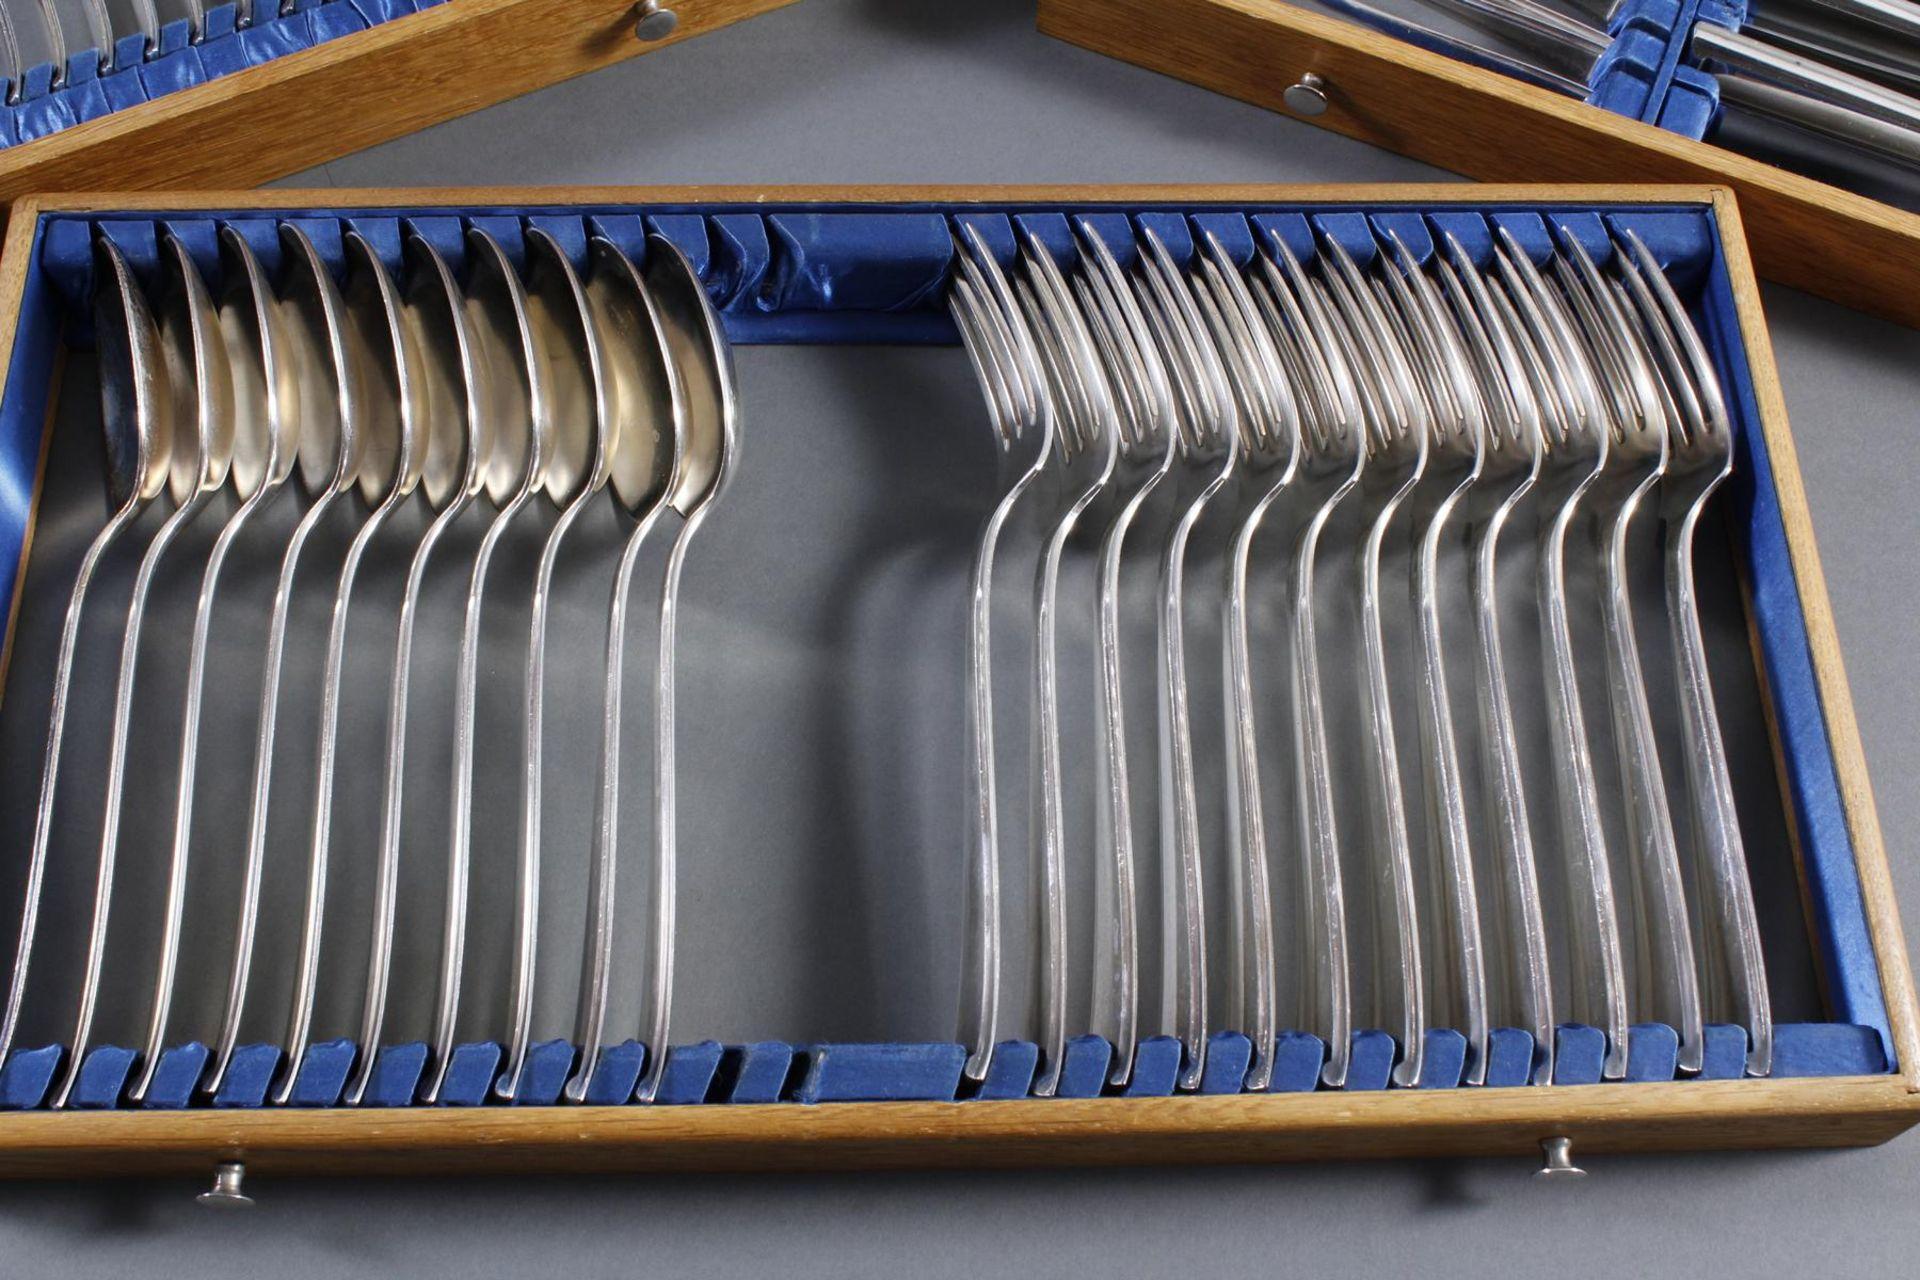 Bruckmann Essbesteck für 12 Personen im Besteckkasten, 90er Auflage - Bild 4 aus 8